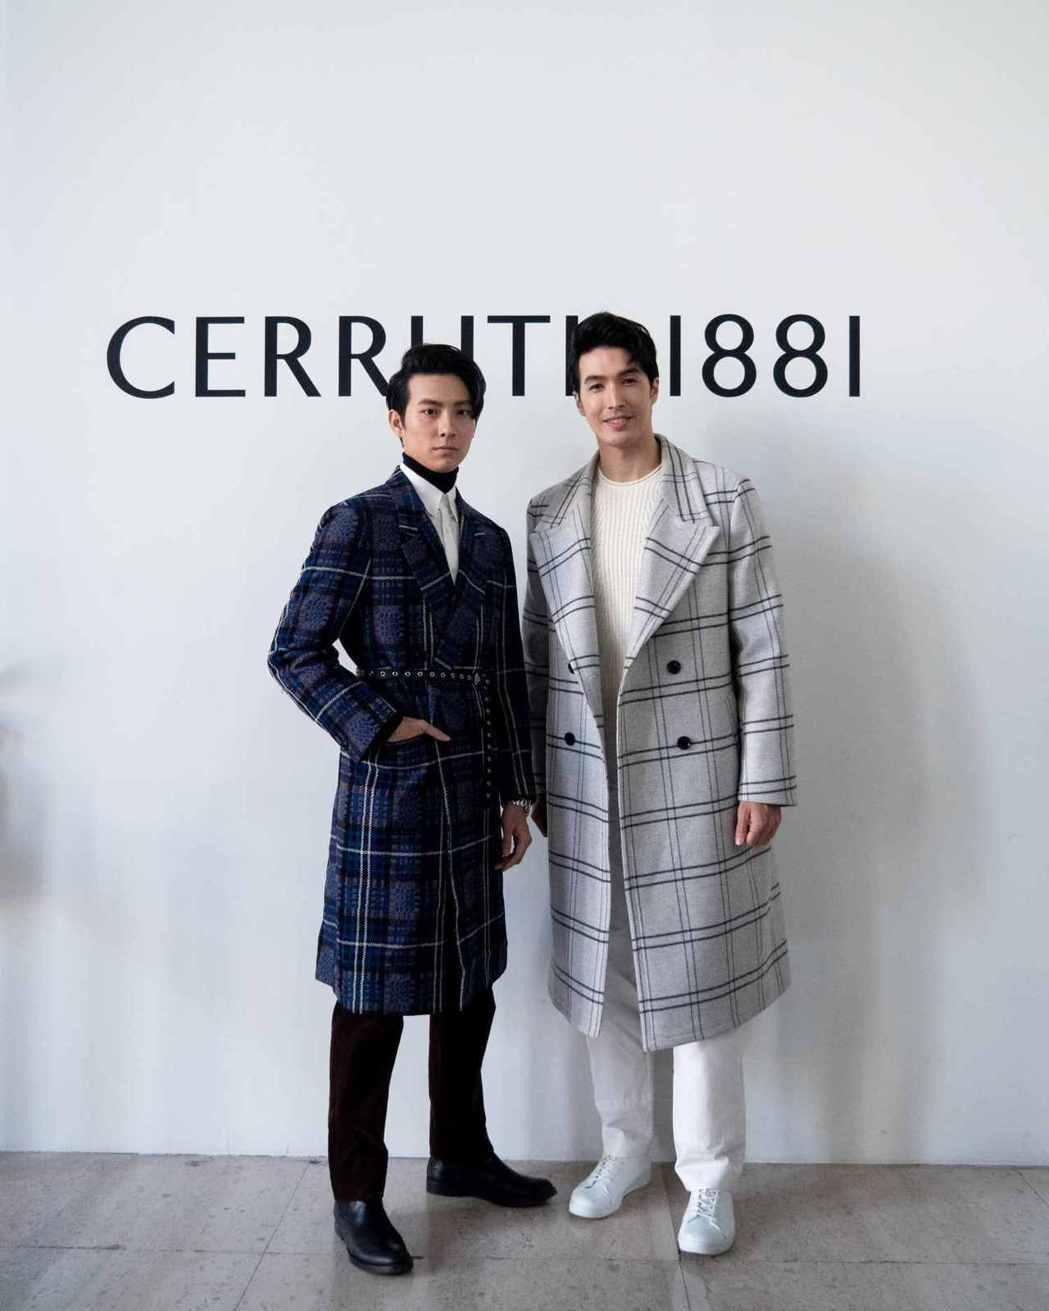 錦榮與師弟彭千祐(左)一起前往巴黎參觀名牌男裝大秀。圖/吾貳不作娛樂提供